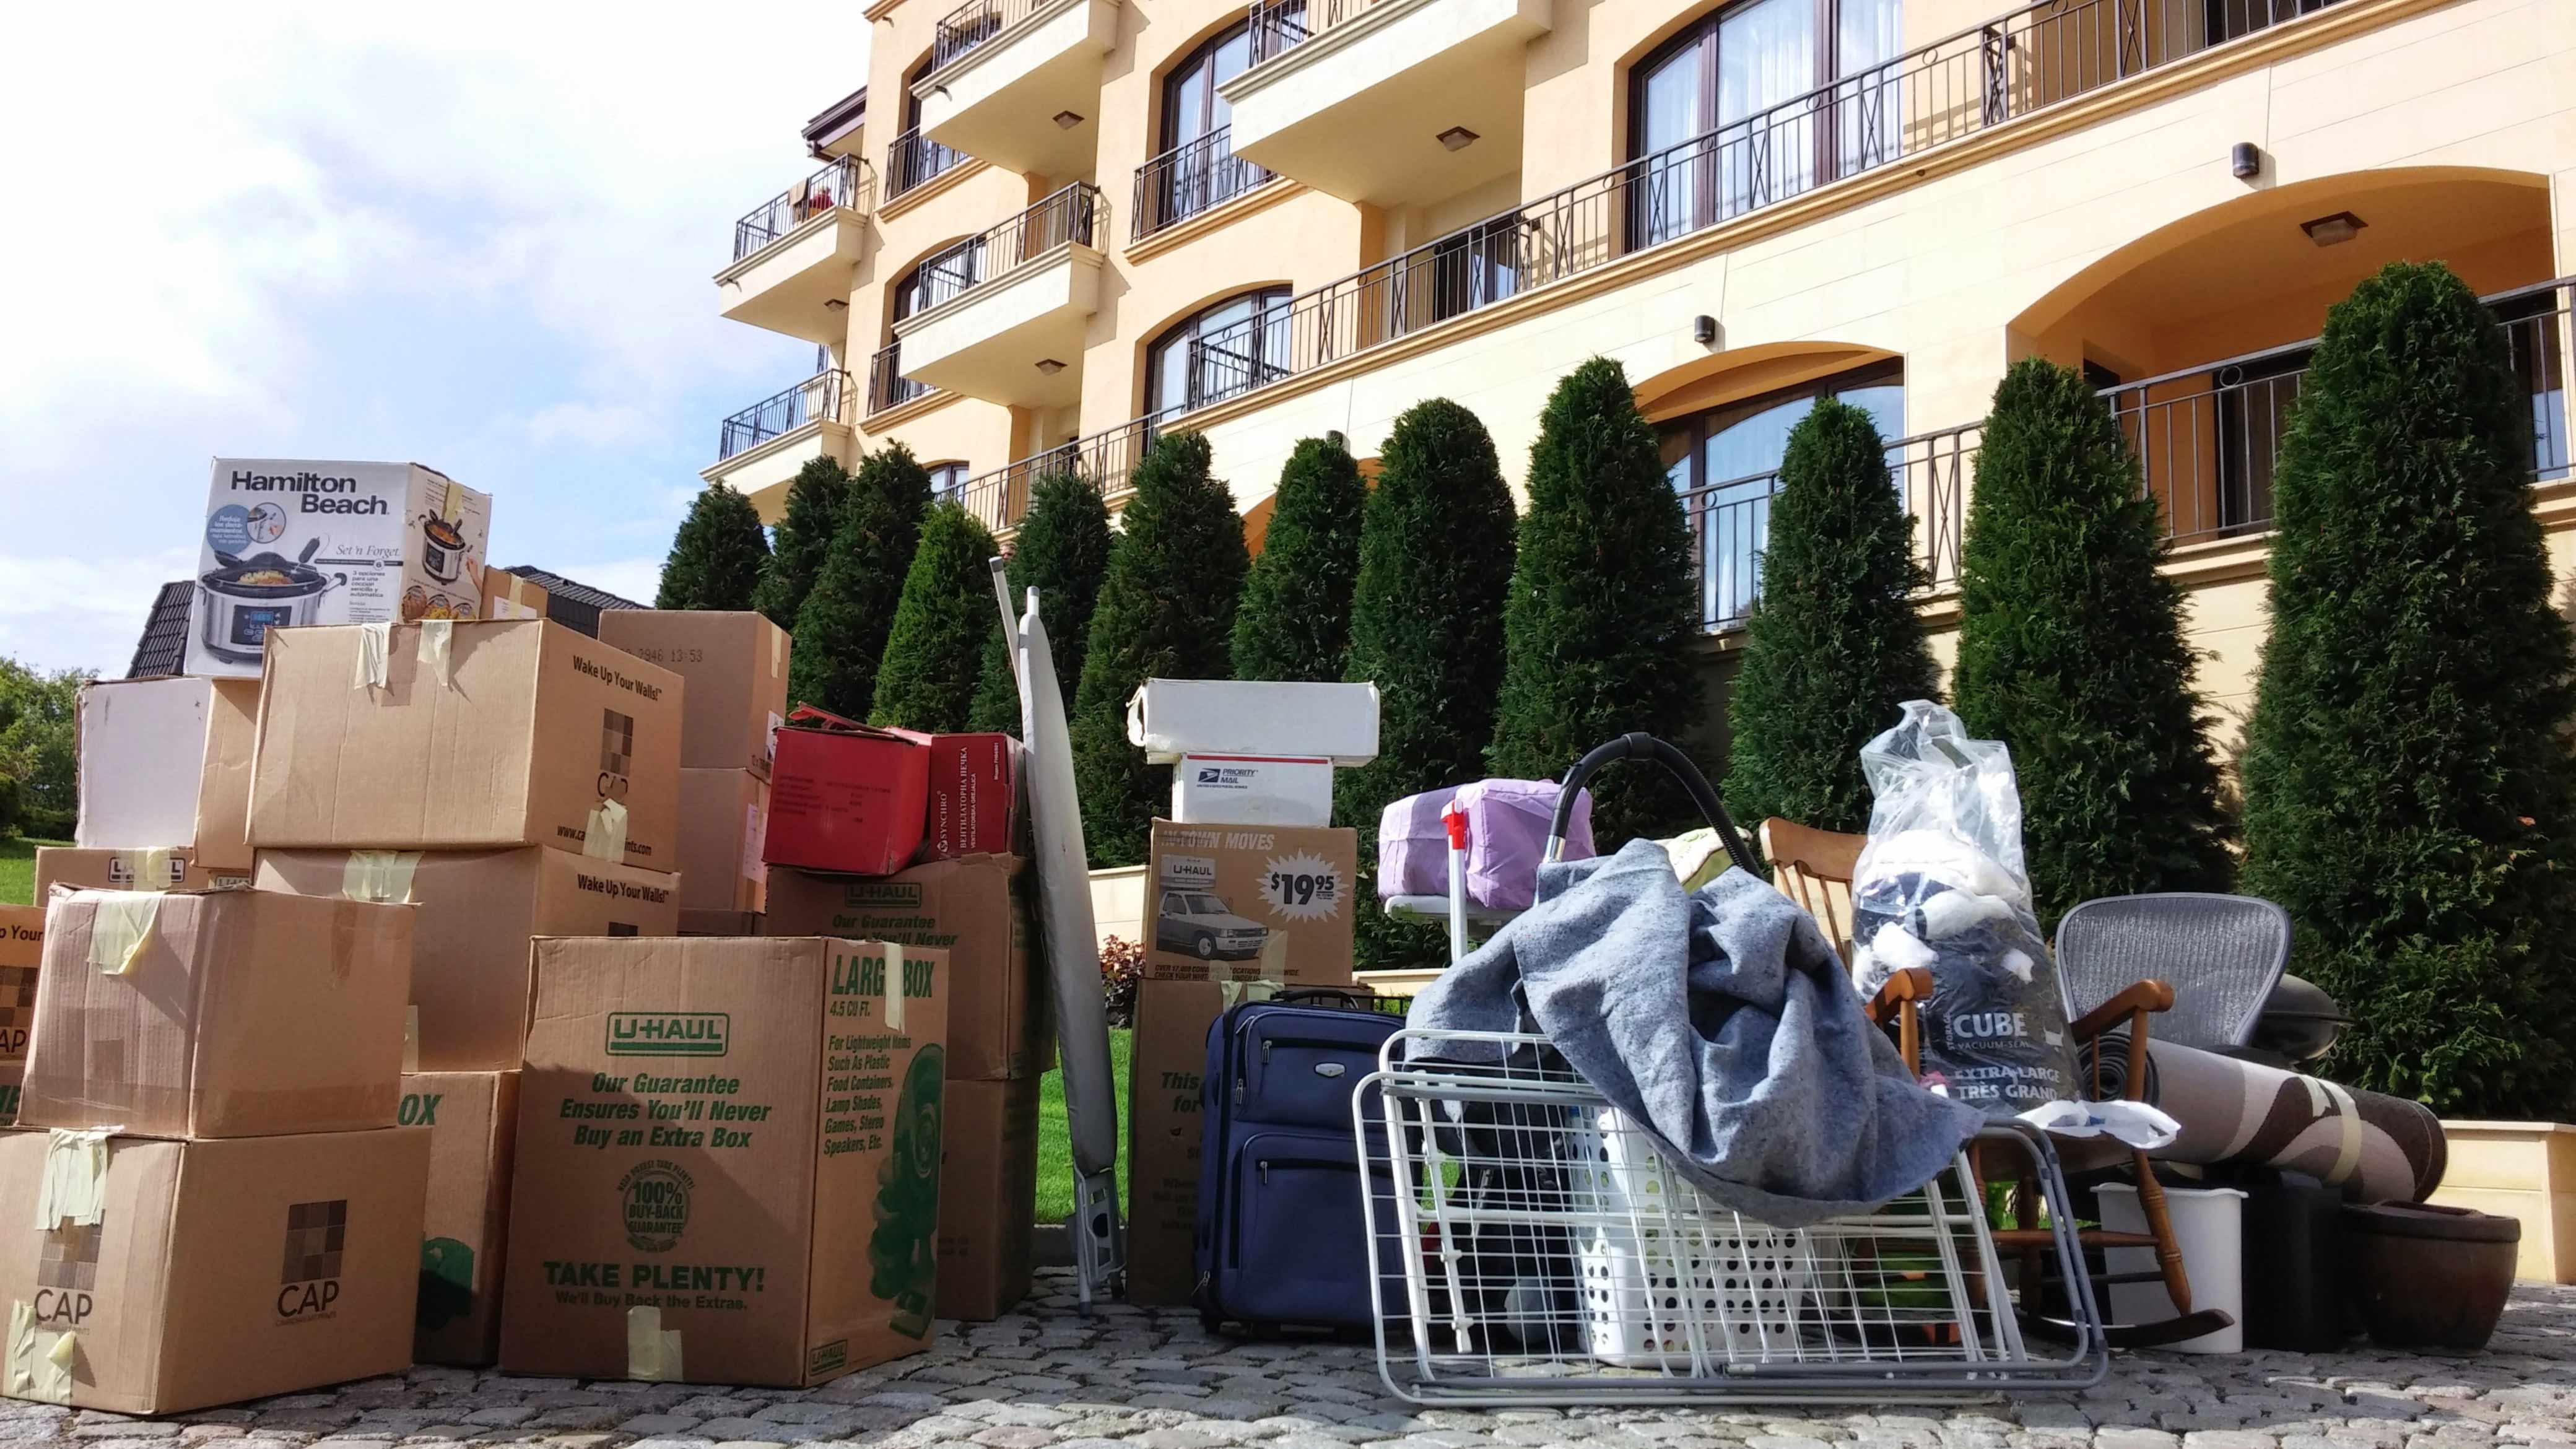 Приготване на багаж за товарене